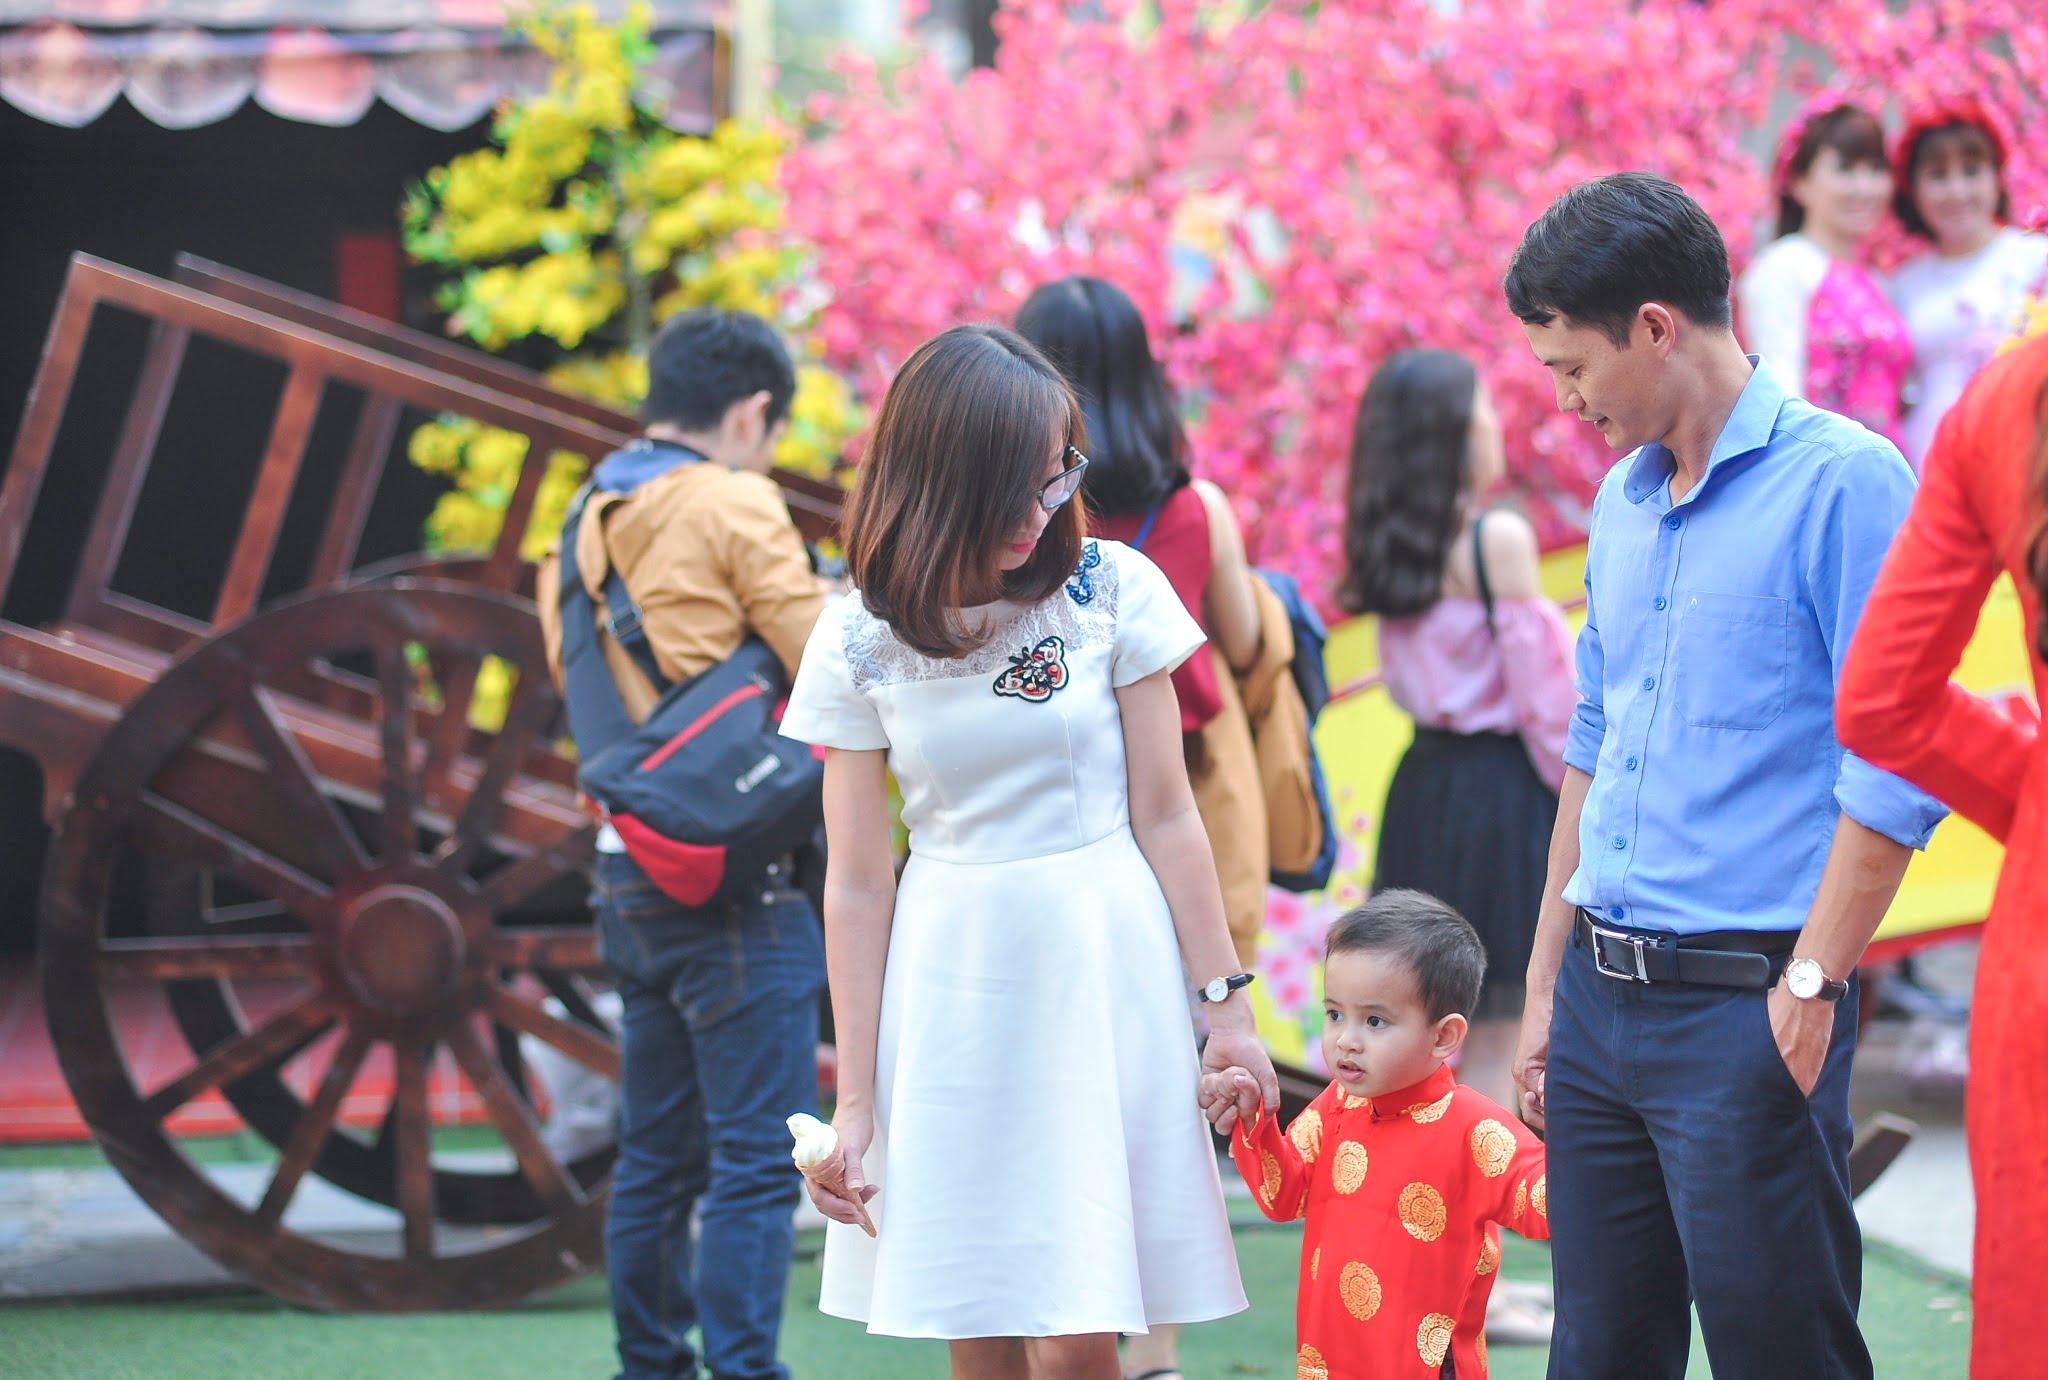 DSC 6635 - Ảnh chụp gia đình anh Phong Hồ, Quận 1 Tp.HCM